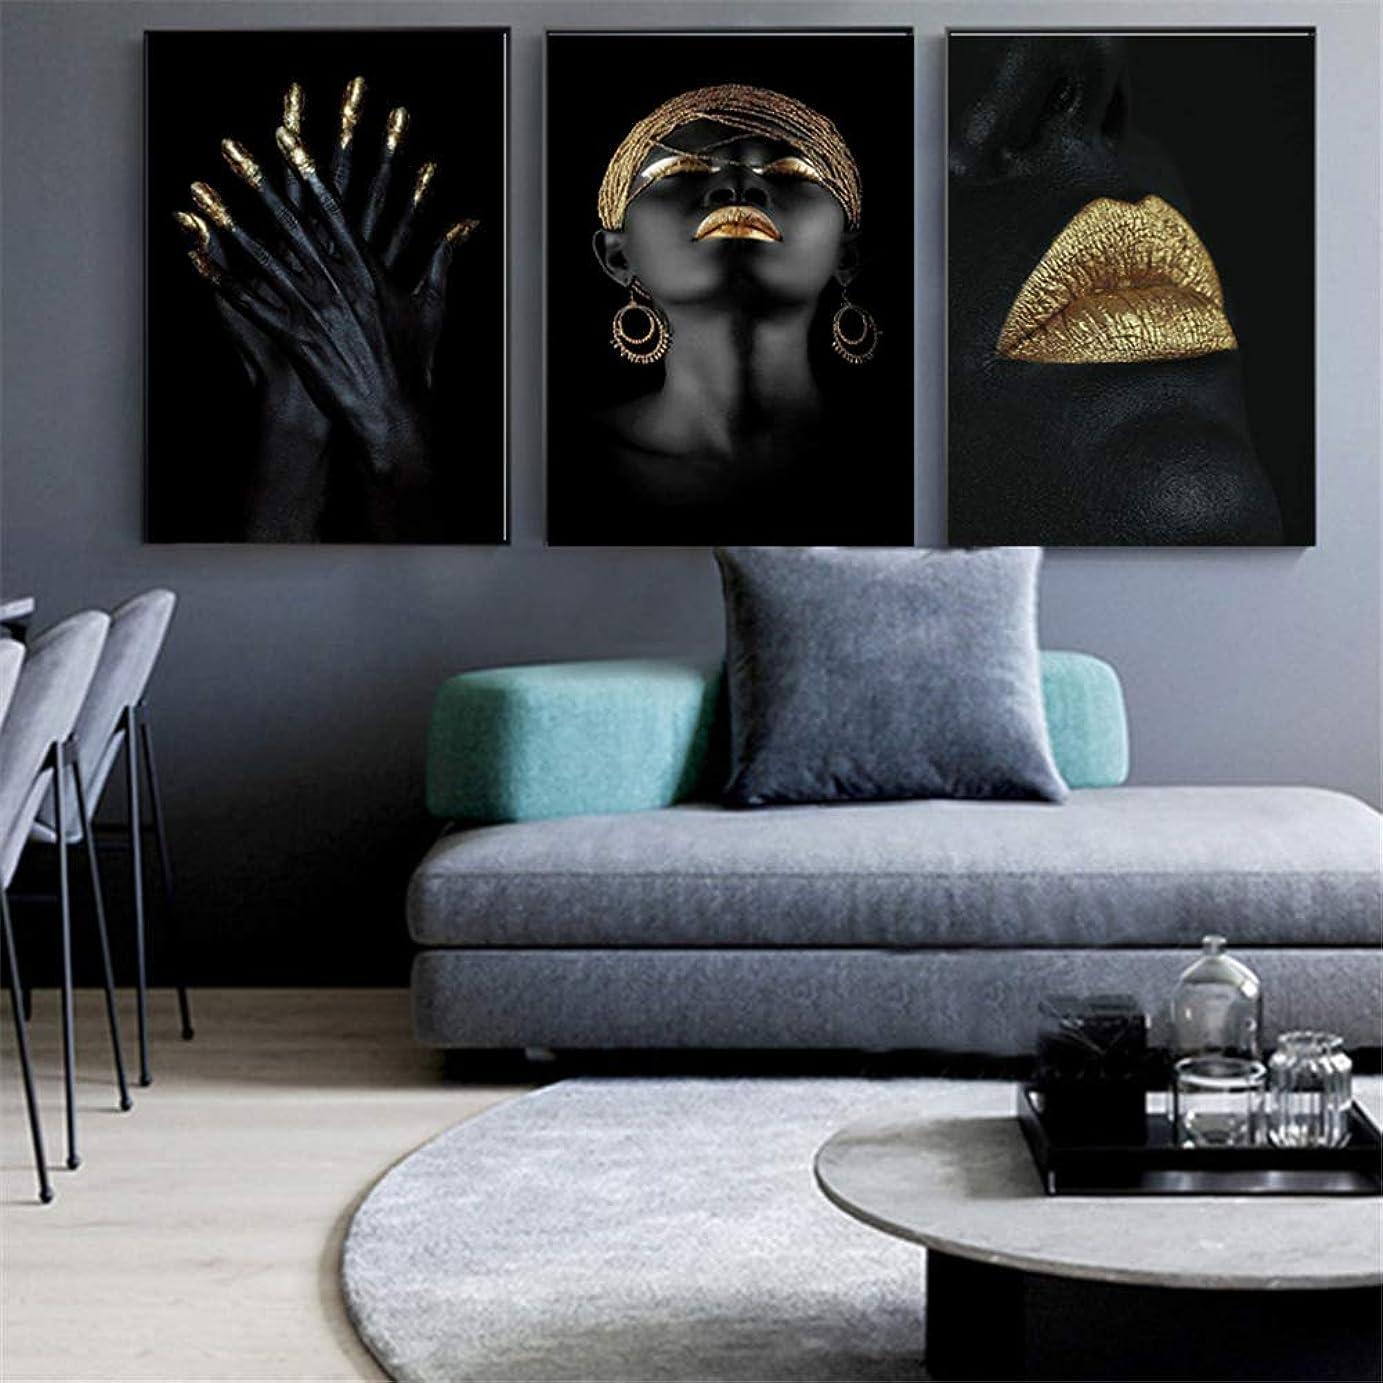 認識懺悔道路壁飾り 絵画ブラックセクシーガールリップスゴールド 絵画 モダン絵画 インテリア 絵画 壁キャンバス絵画 壁アート3枚パネルセット